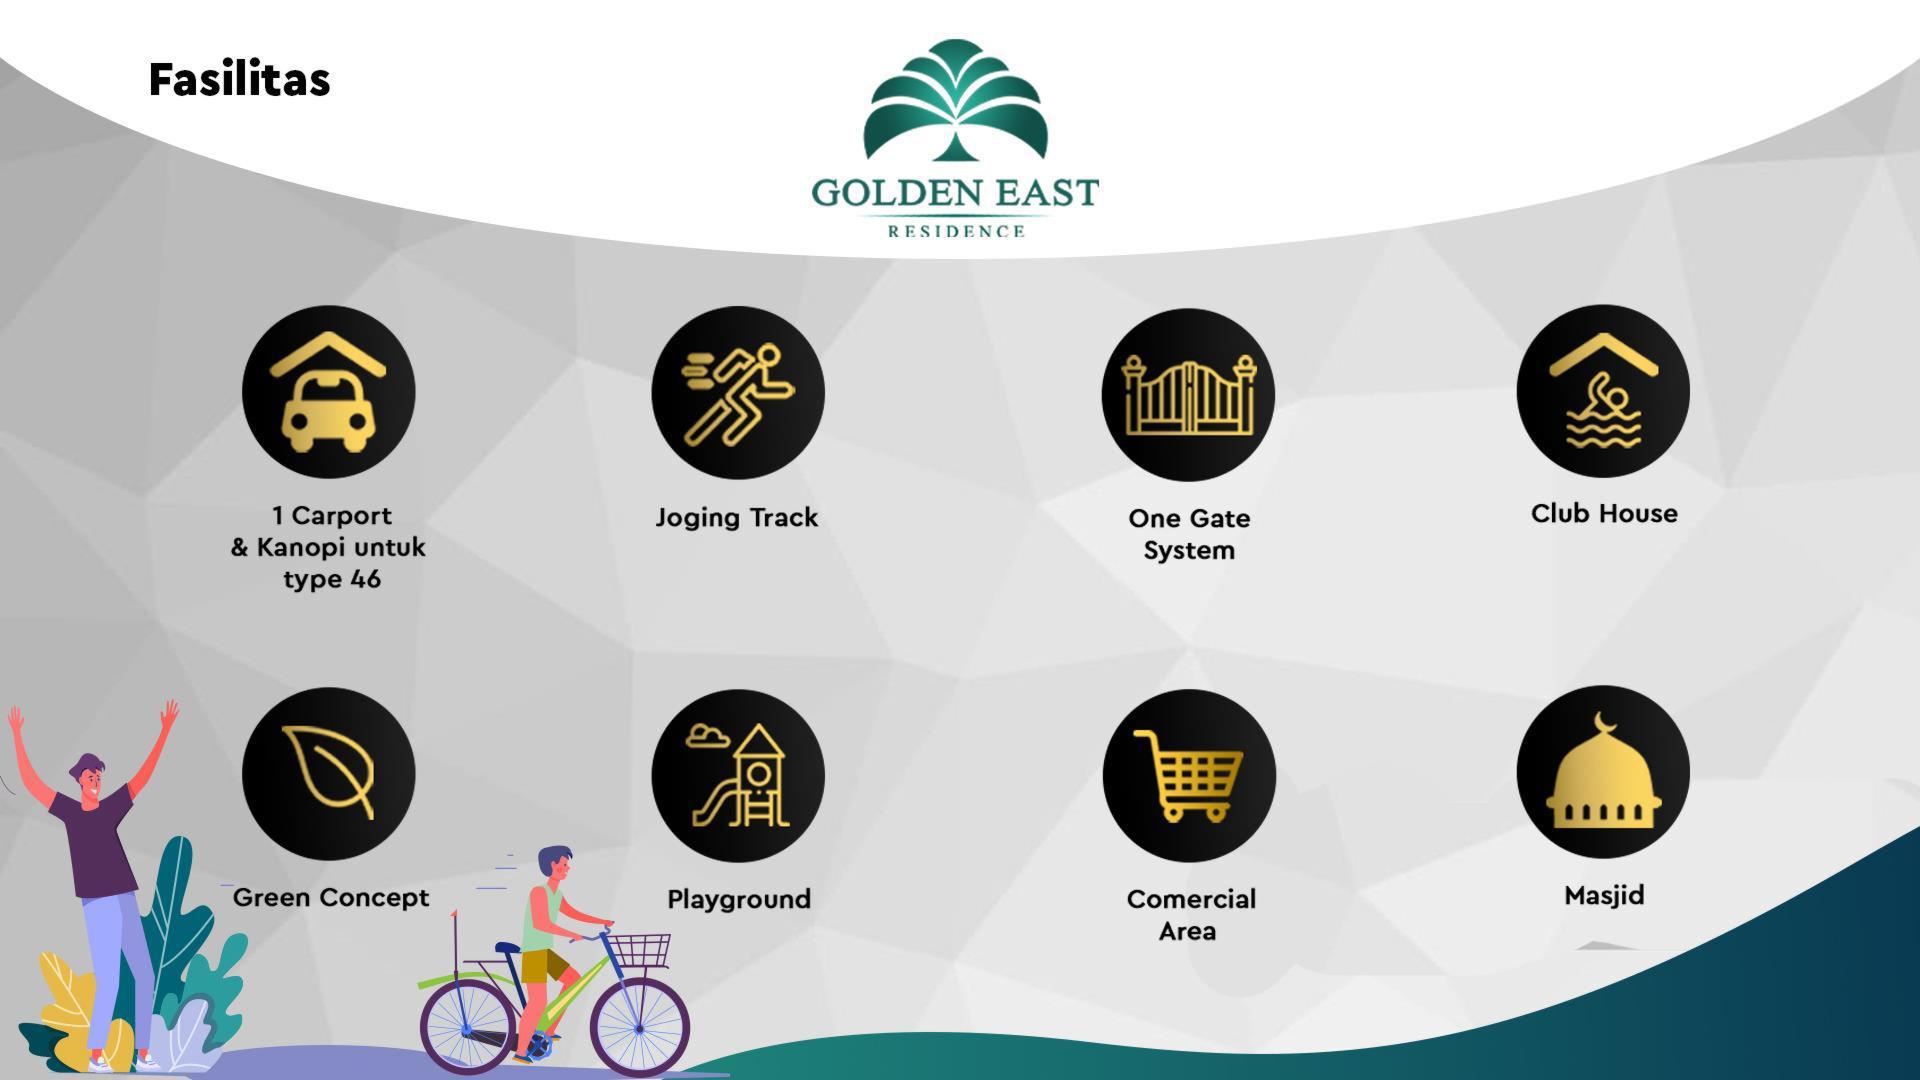 Golden East Residence Fasilitas